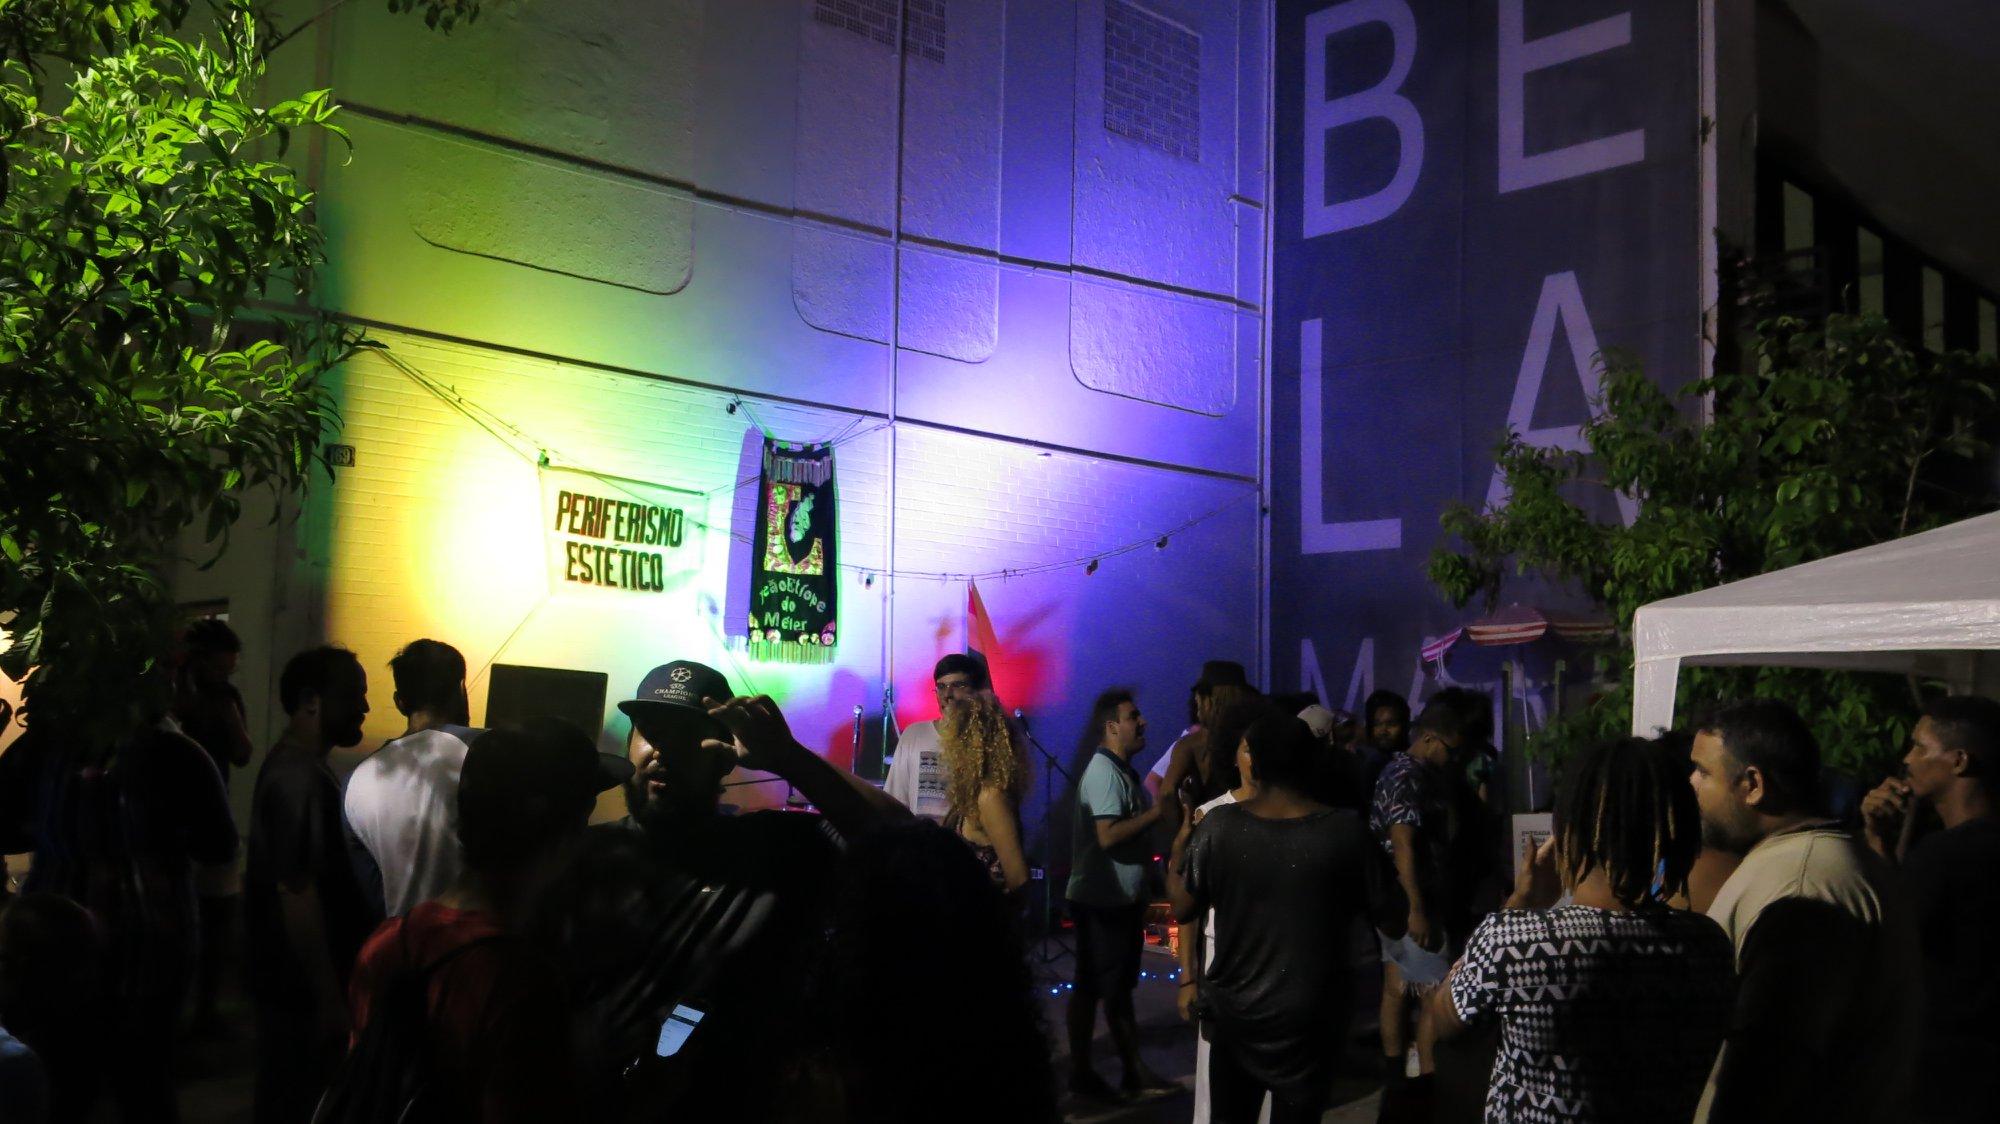 Galpão Bela Maré recebe oficina de cinema e inscrições já estão abertas